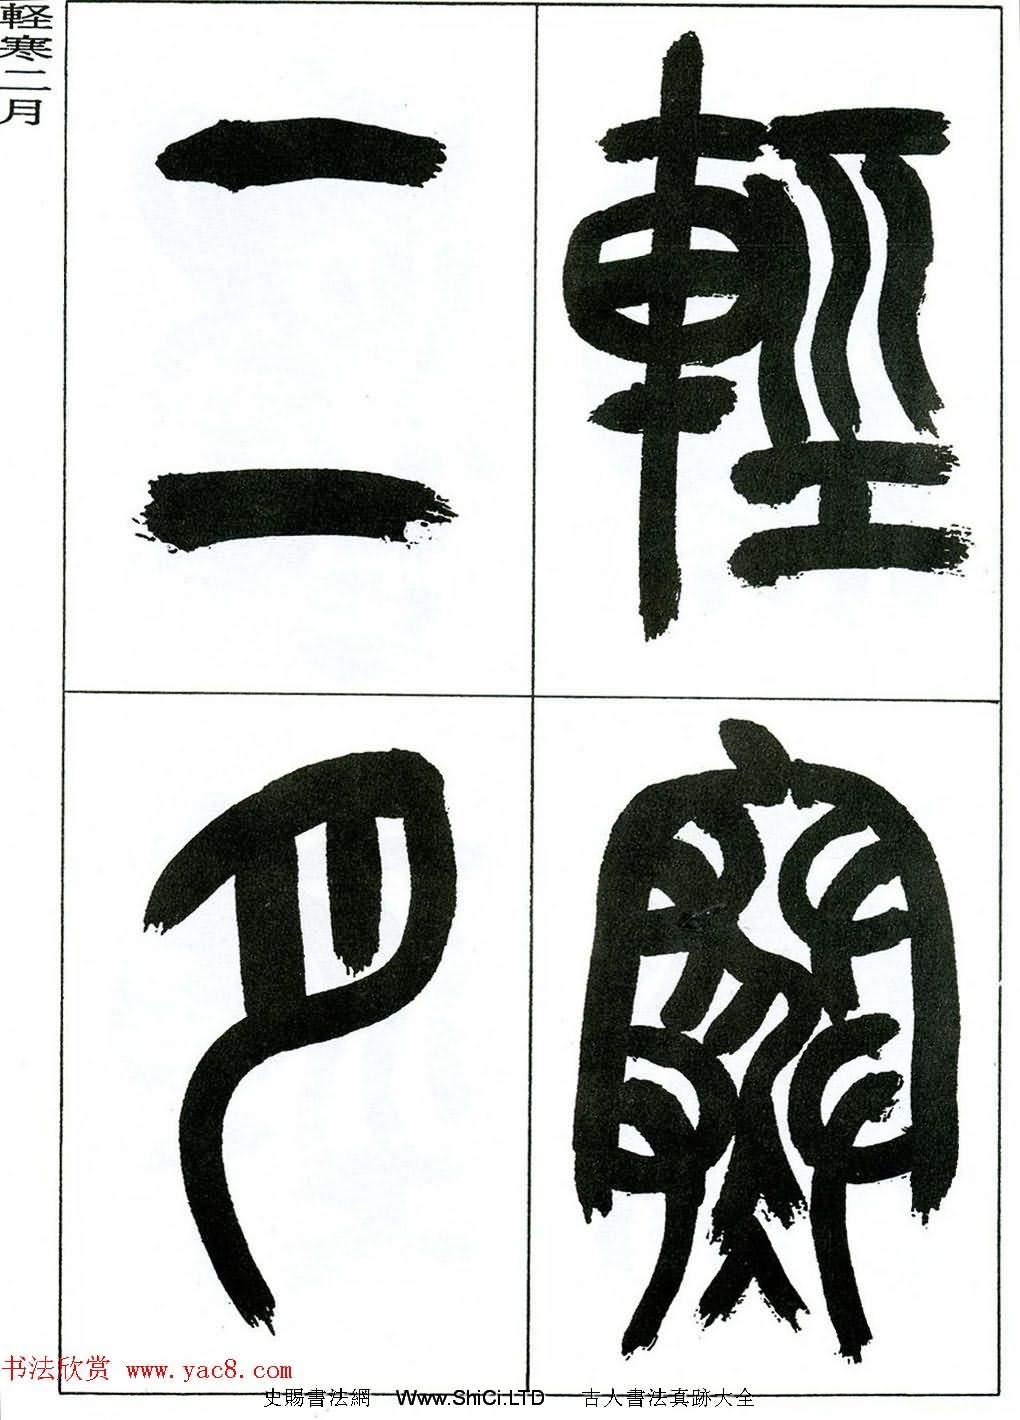 著名藝術家來楚生篆書欣賞《魯迅詩三首》